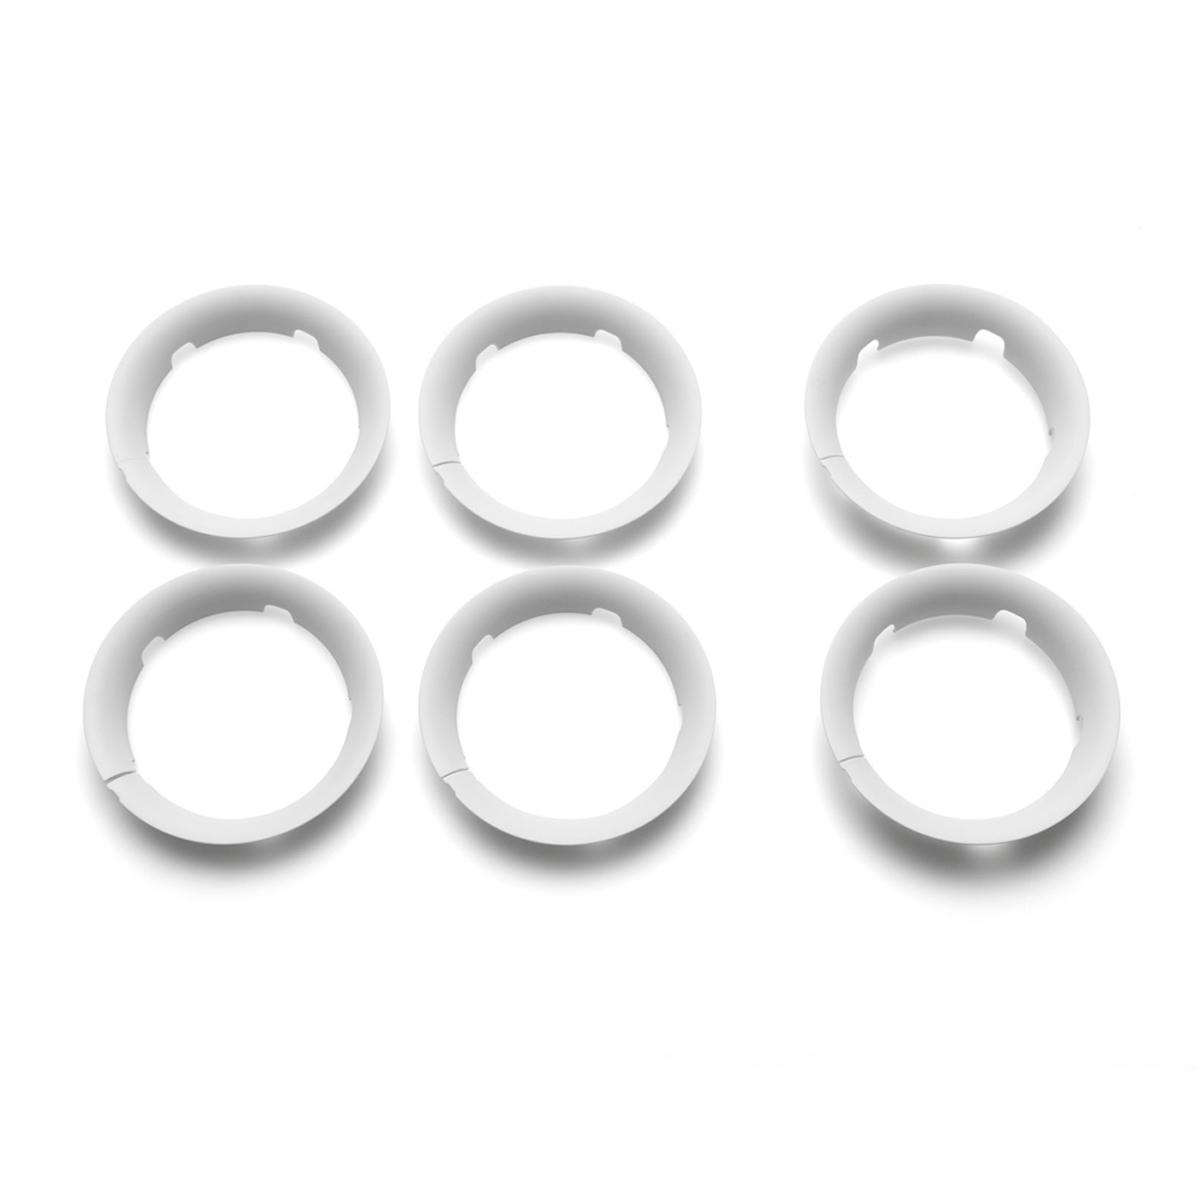 Accessoires poussette Lot de 6 Enjoliveurs Bee5 - Blanc